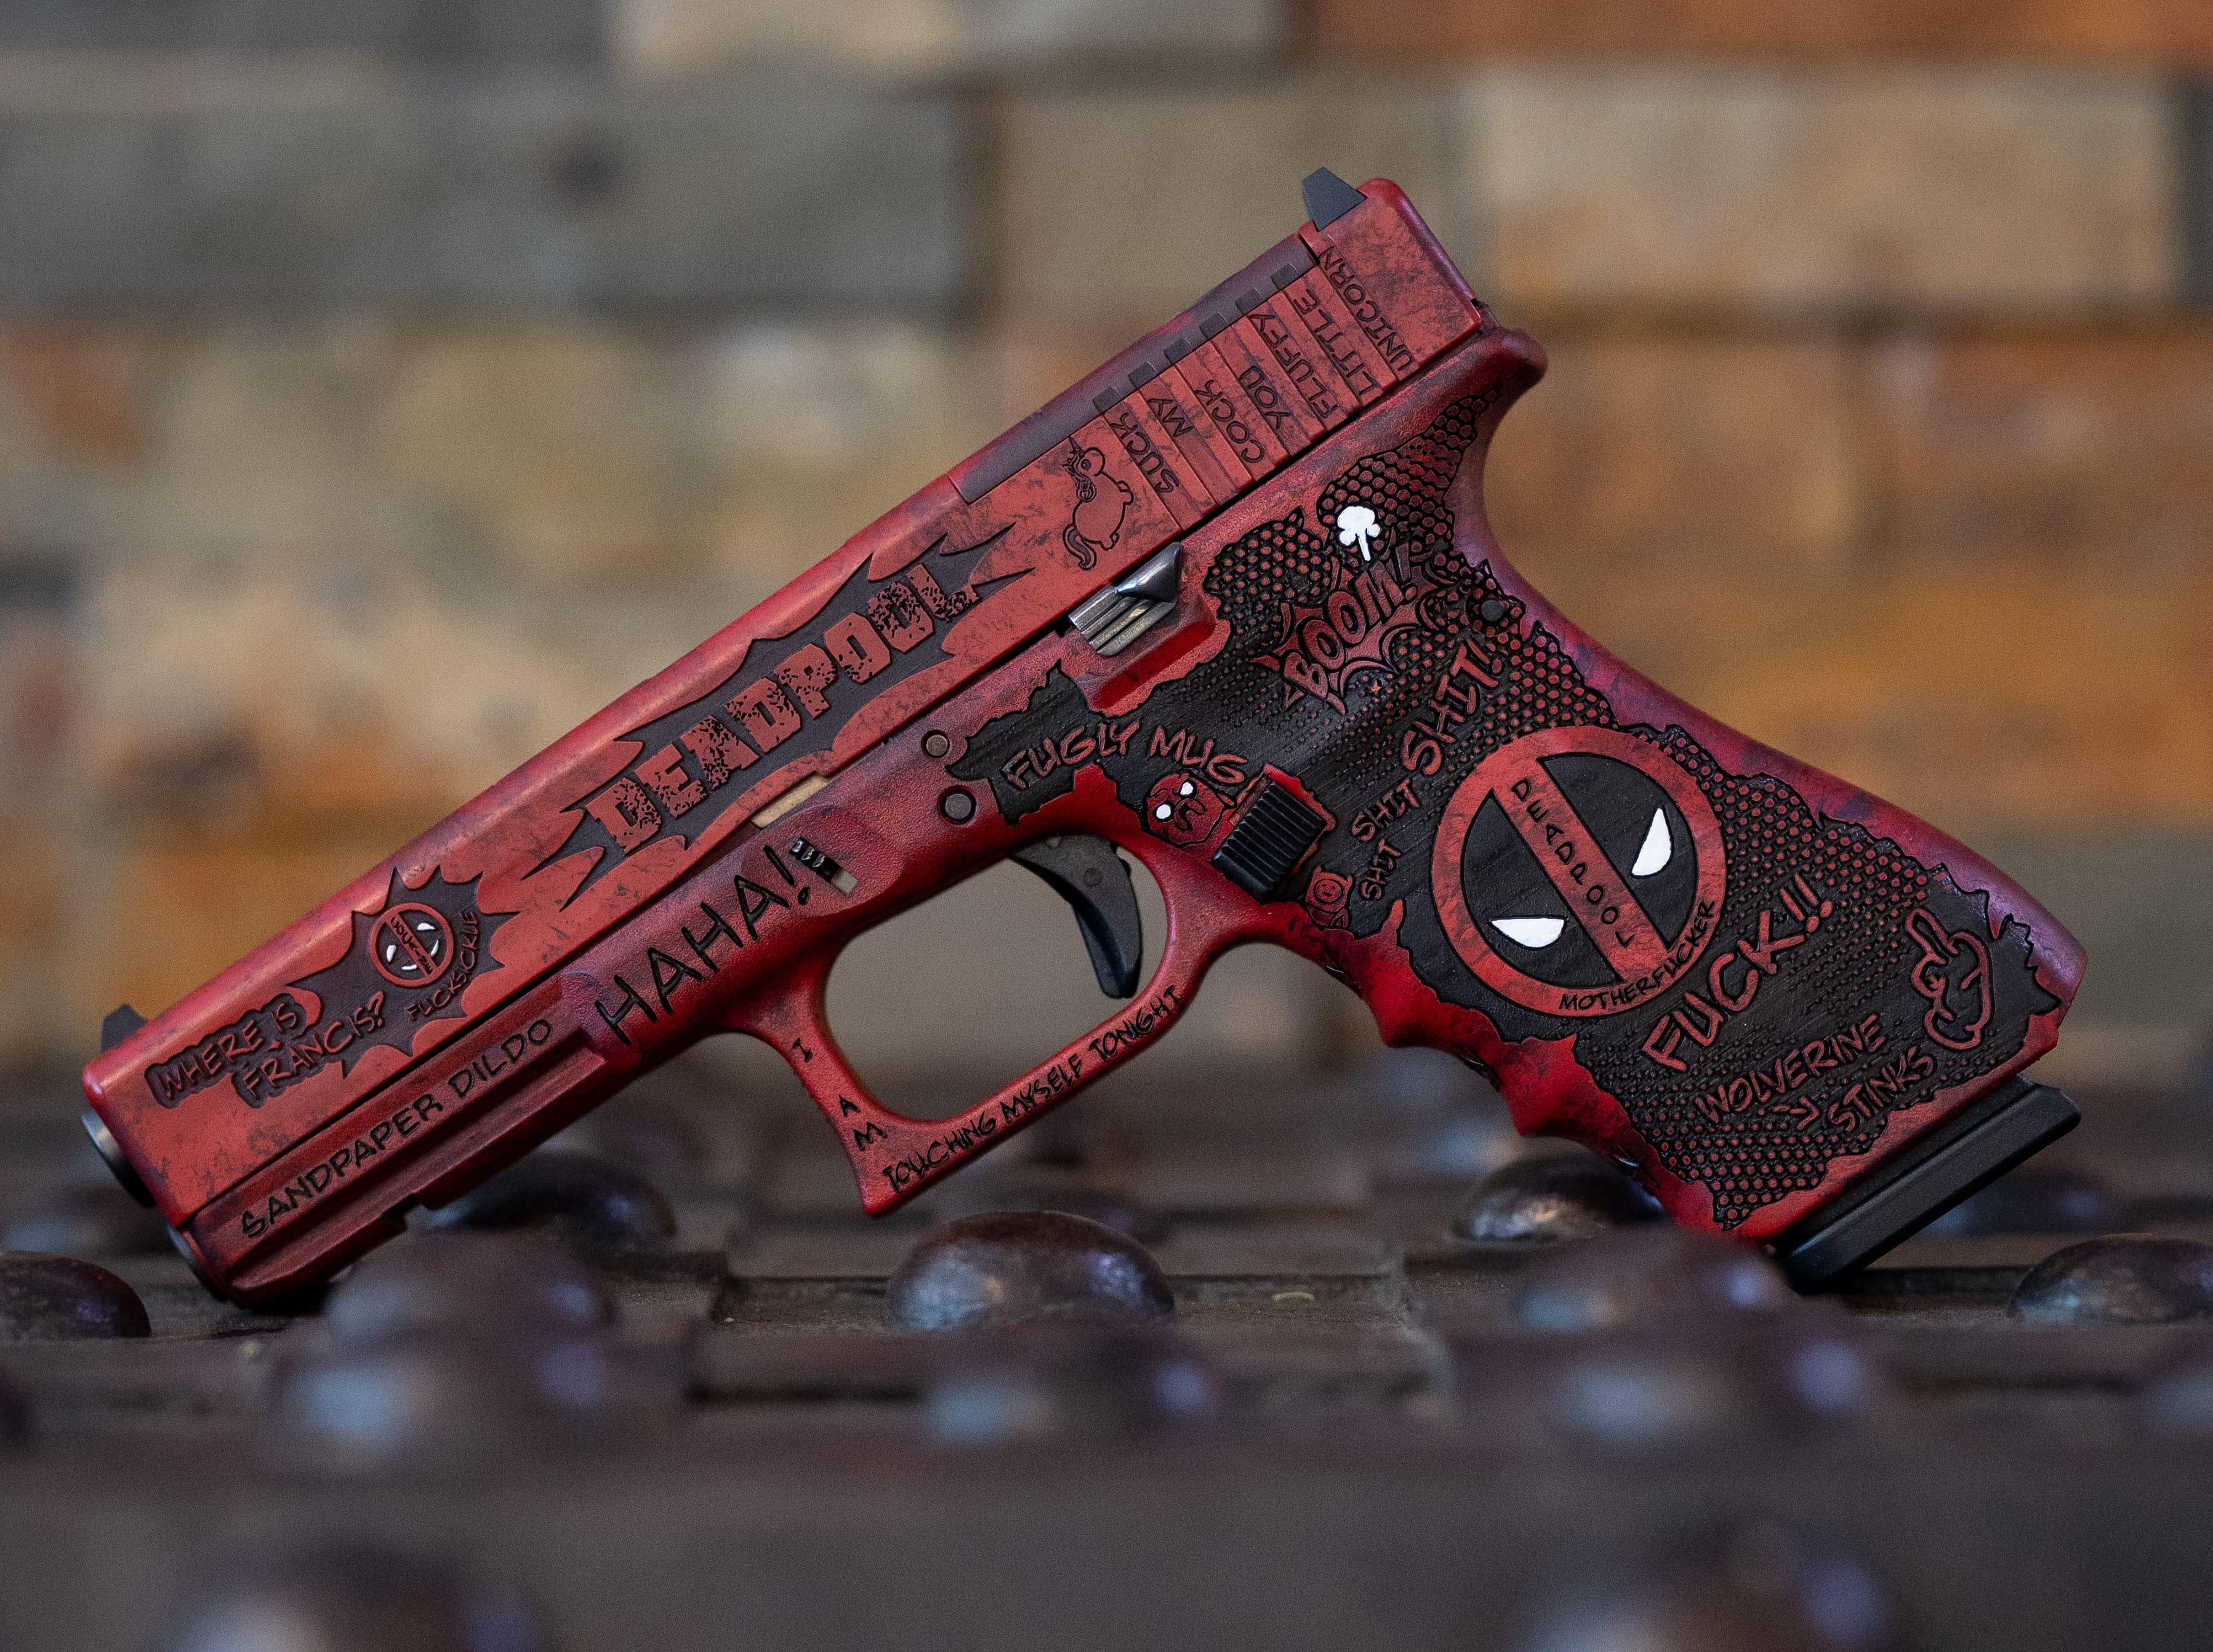 Deadpool Glock Cerakote Pistole beschichten themenwaffe lasergravuren auf schlitten und griffstück stippling laserstippling verex tactical